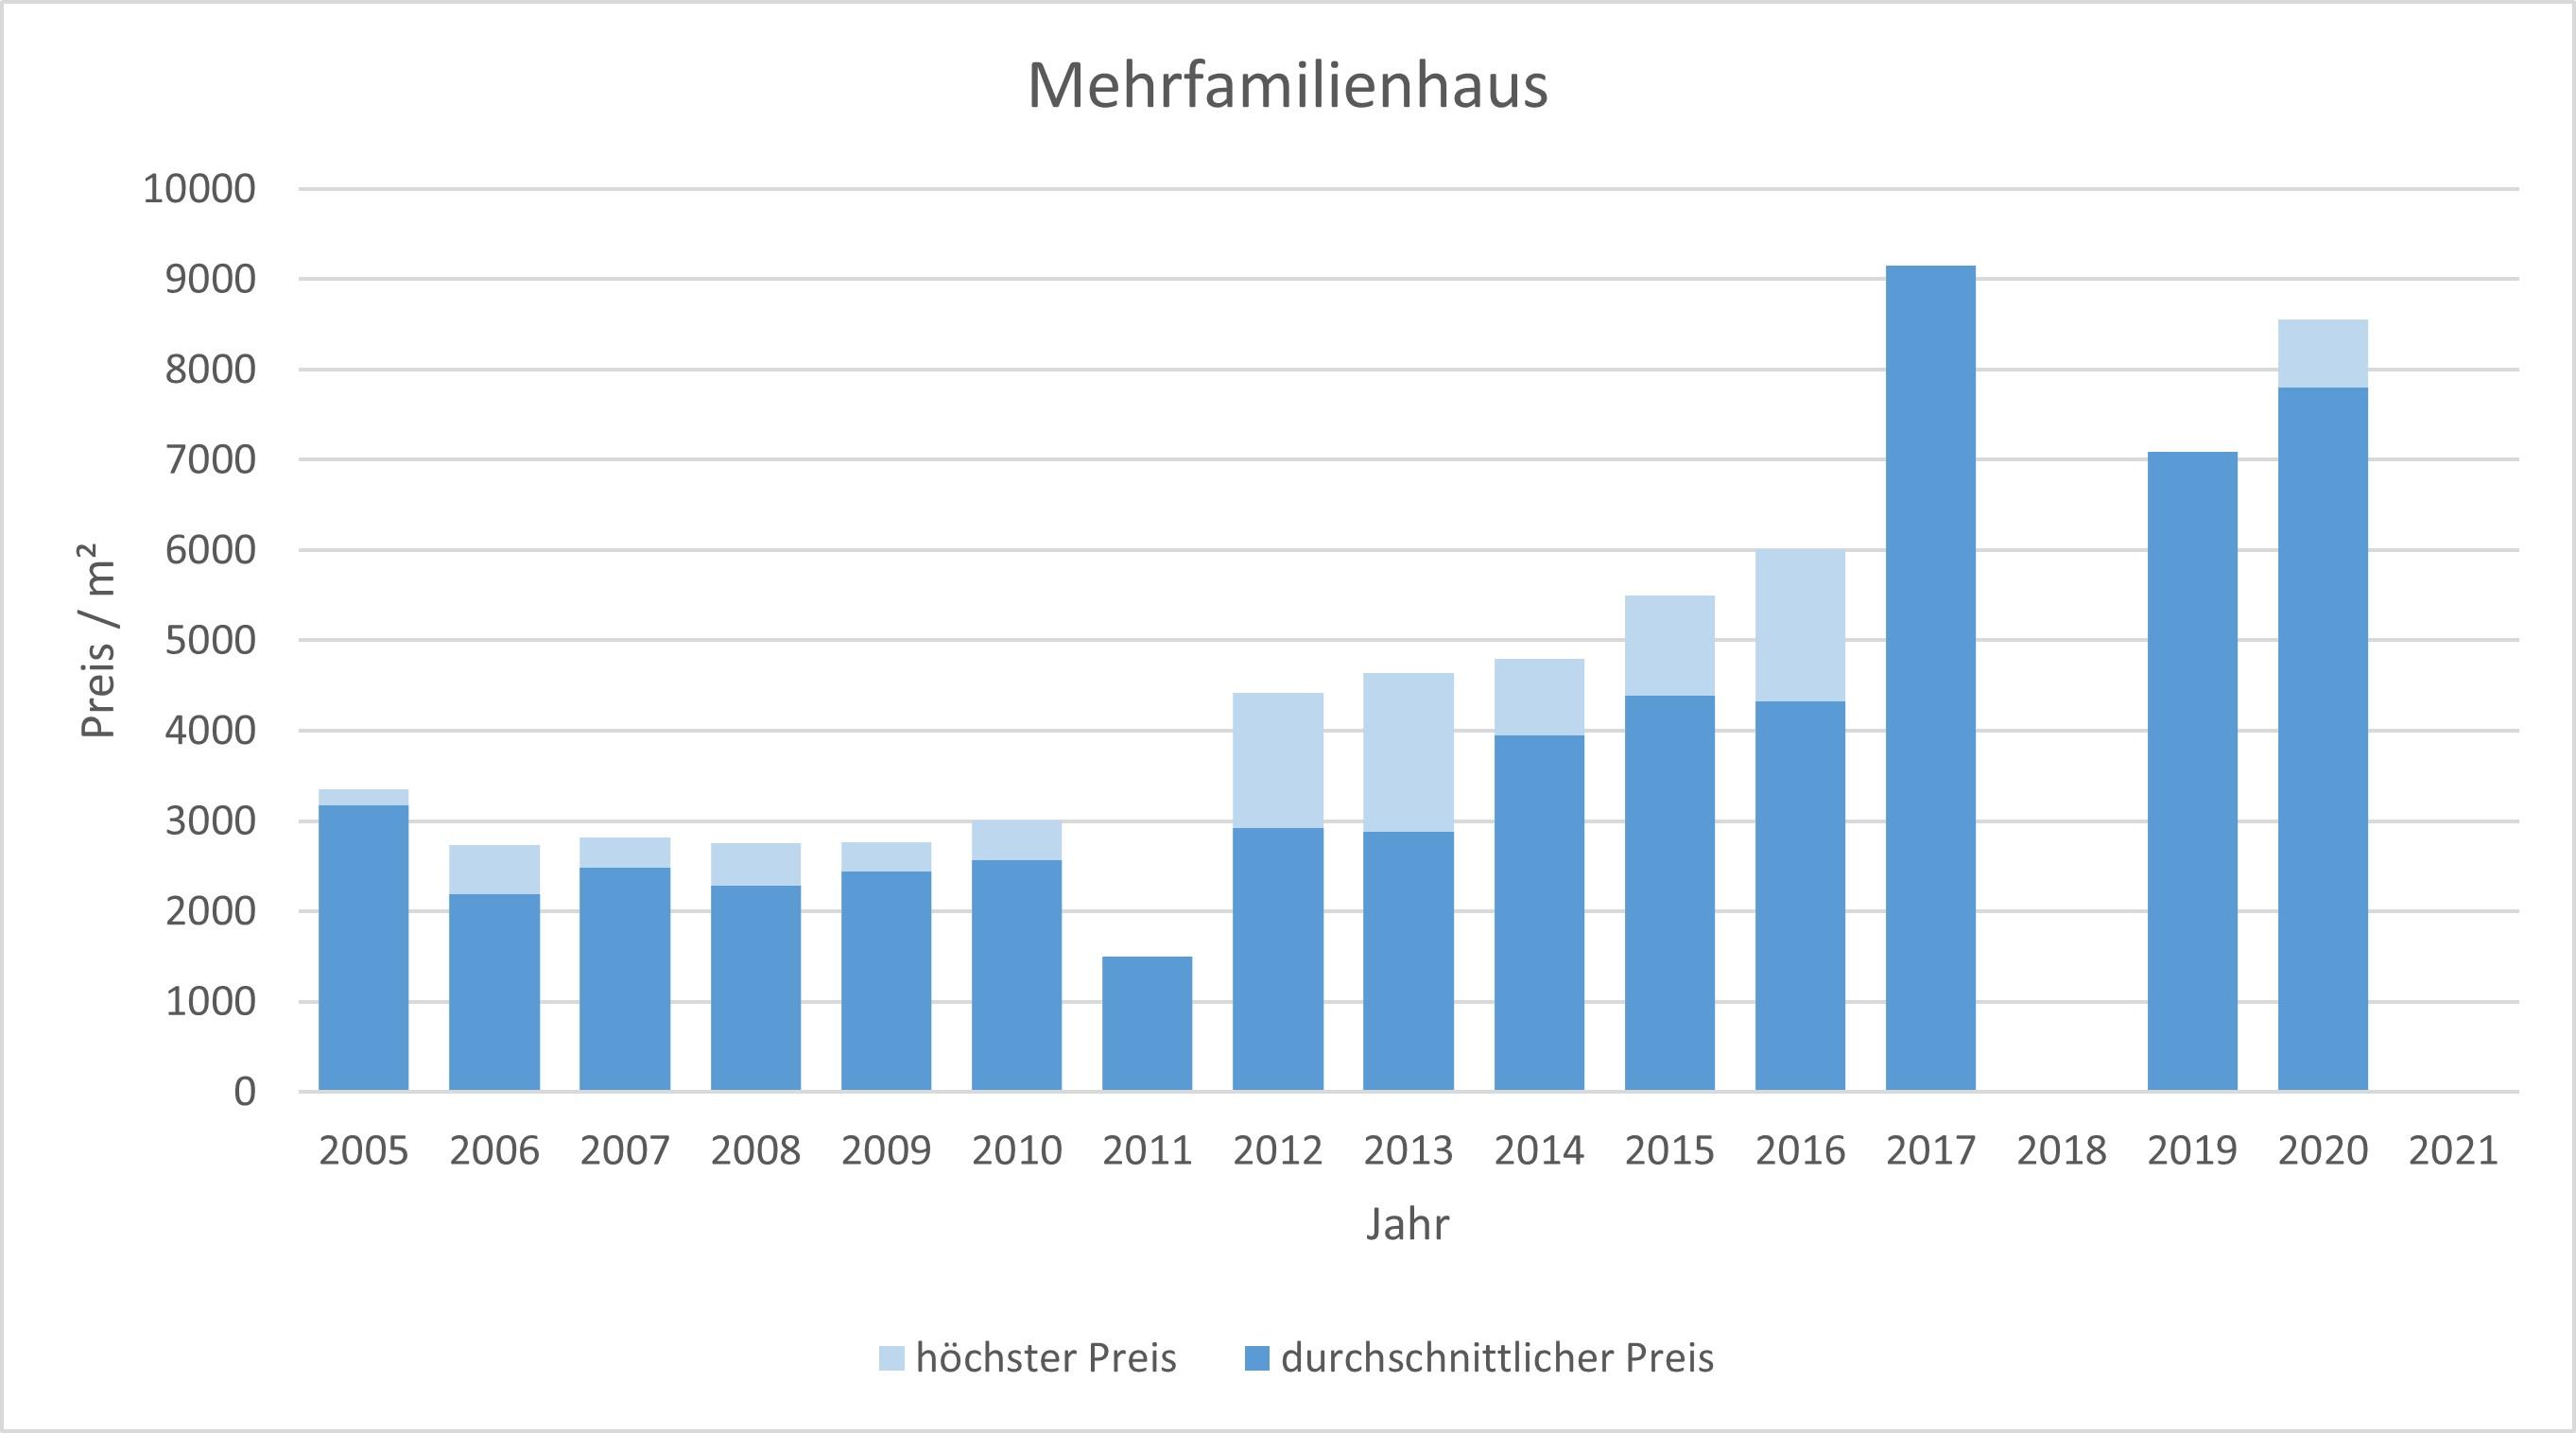 Sauerlach Mehrfamilienhaus kaufen verkaufen Preis Bewertung Makler 2019 2020 2021 www.happy-immo.de